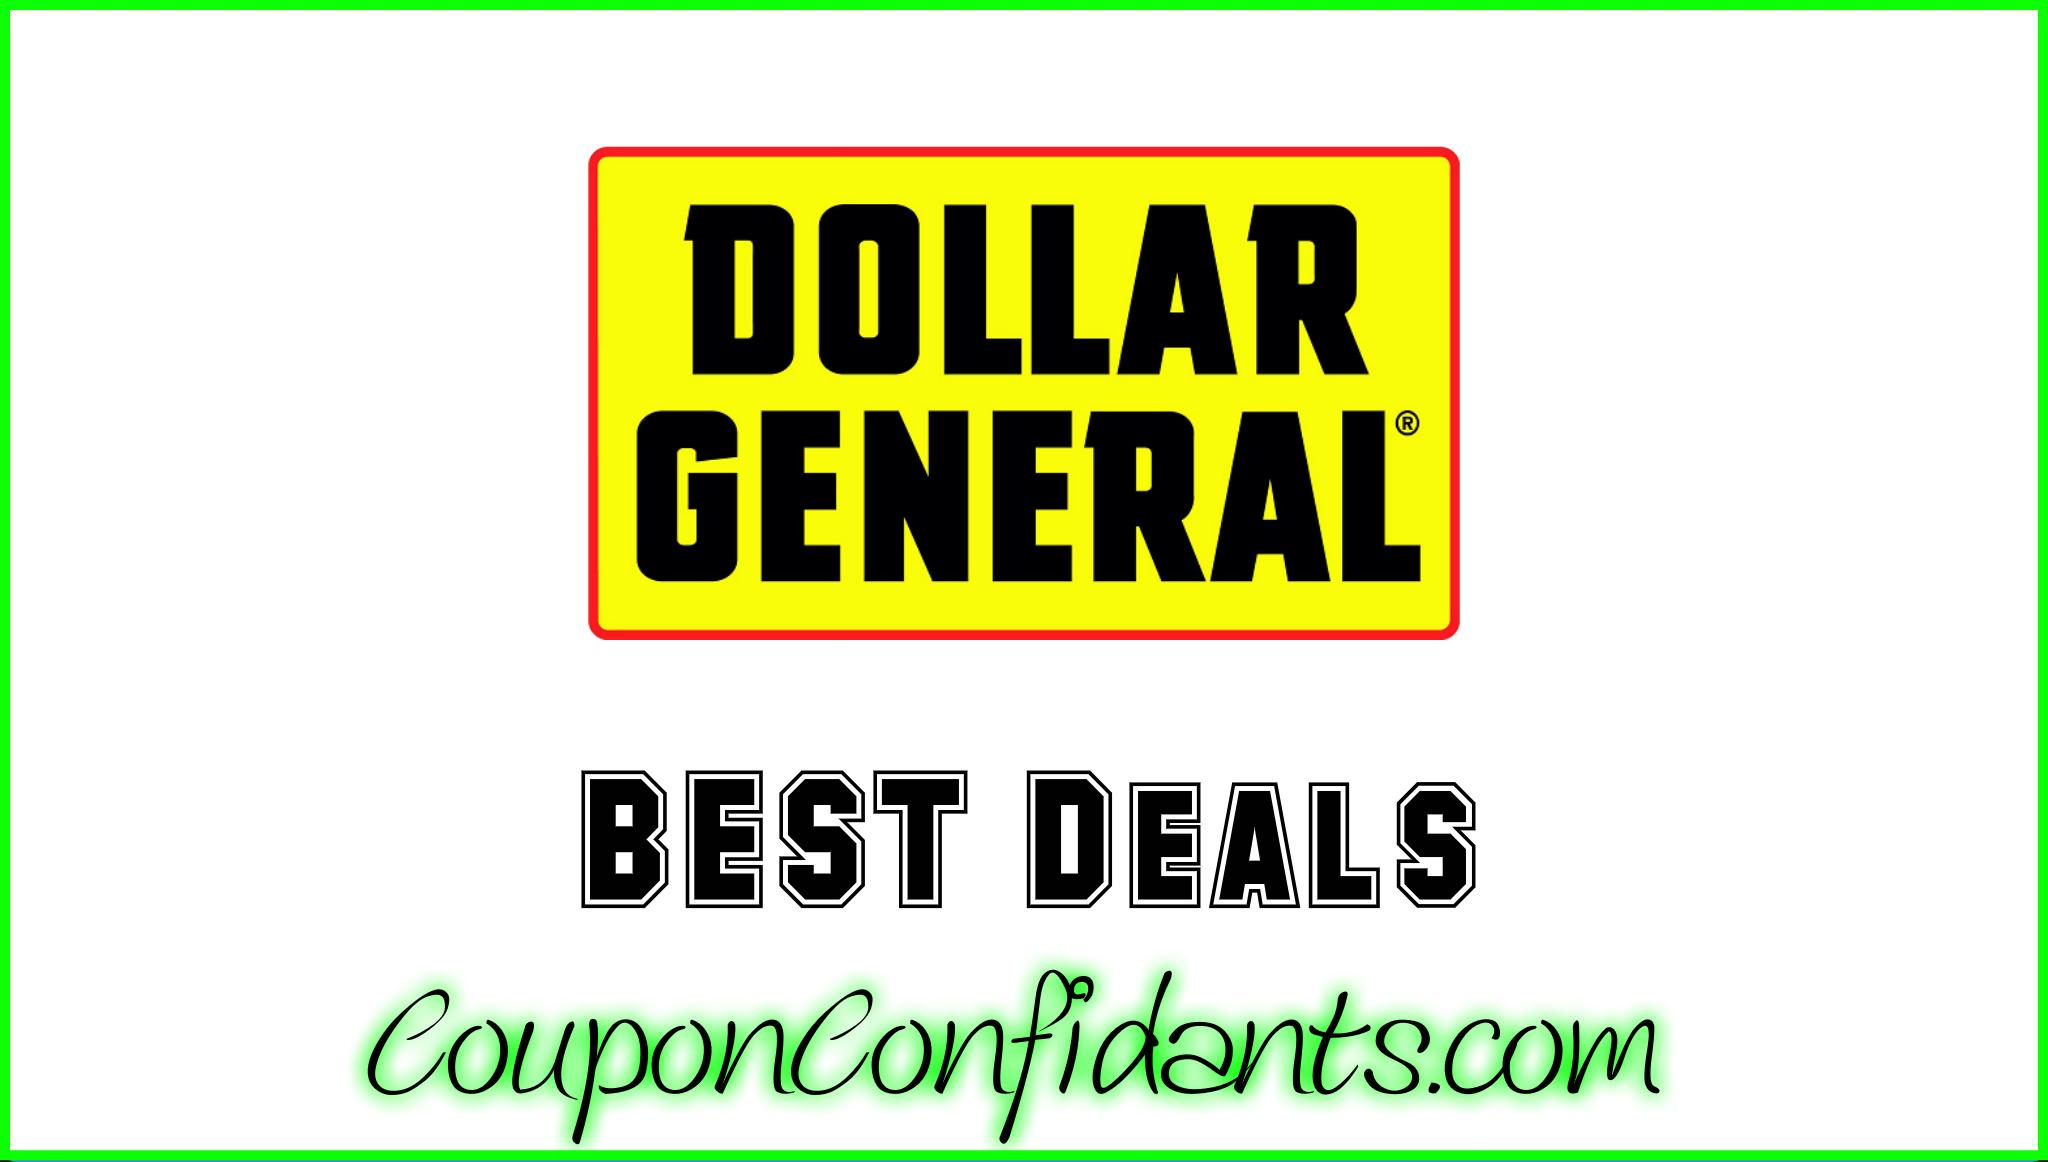 Dollar General - Mar 30 - Apr 1